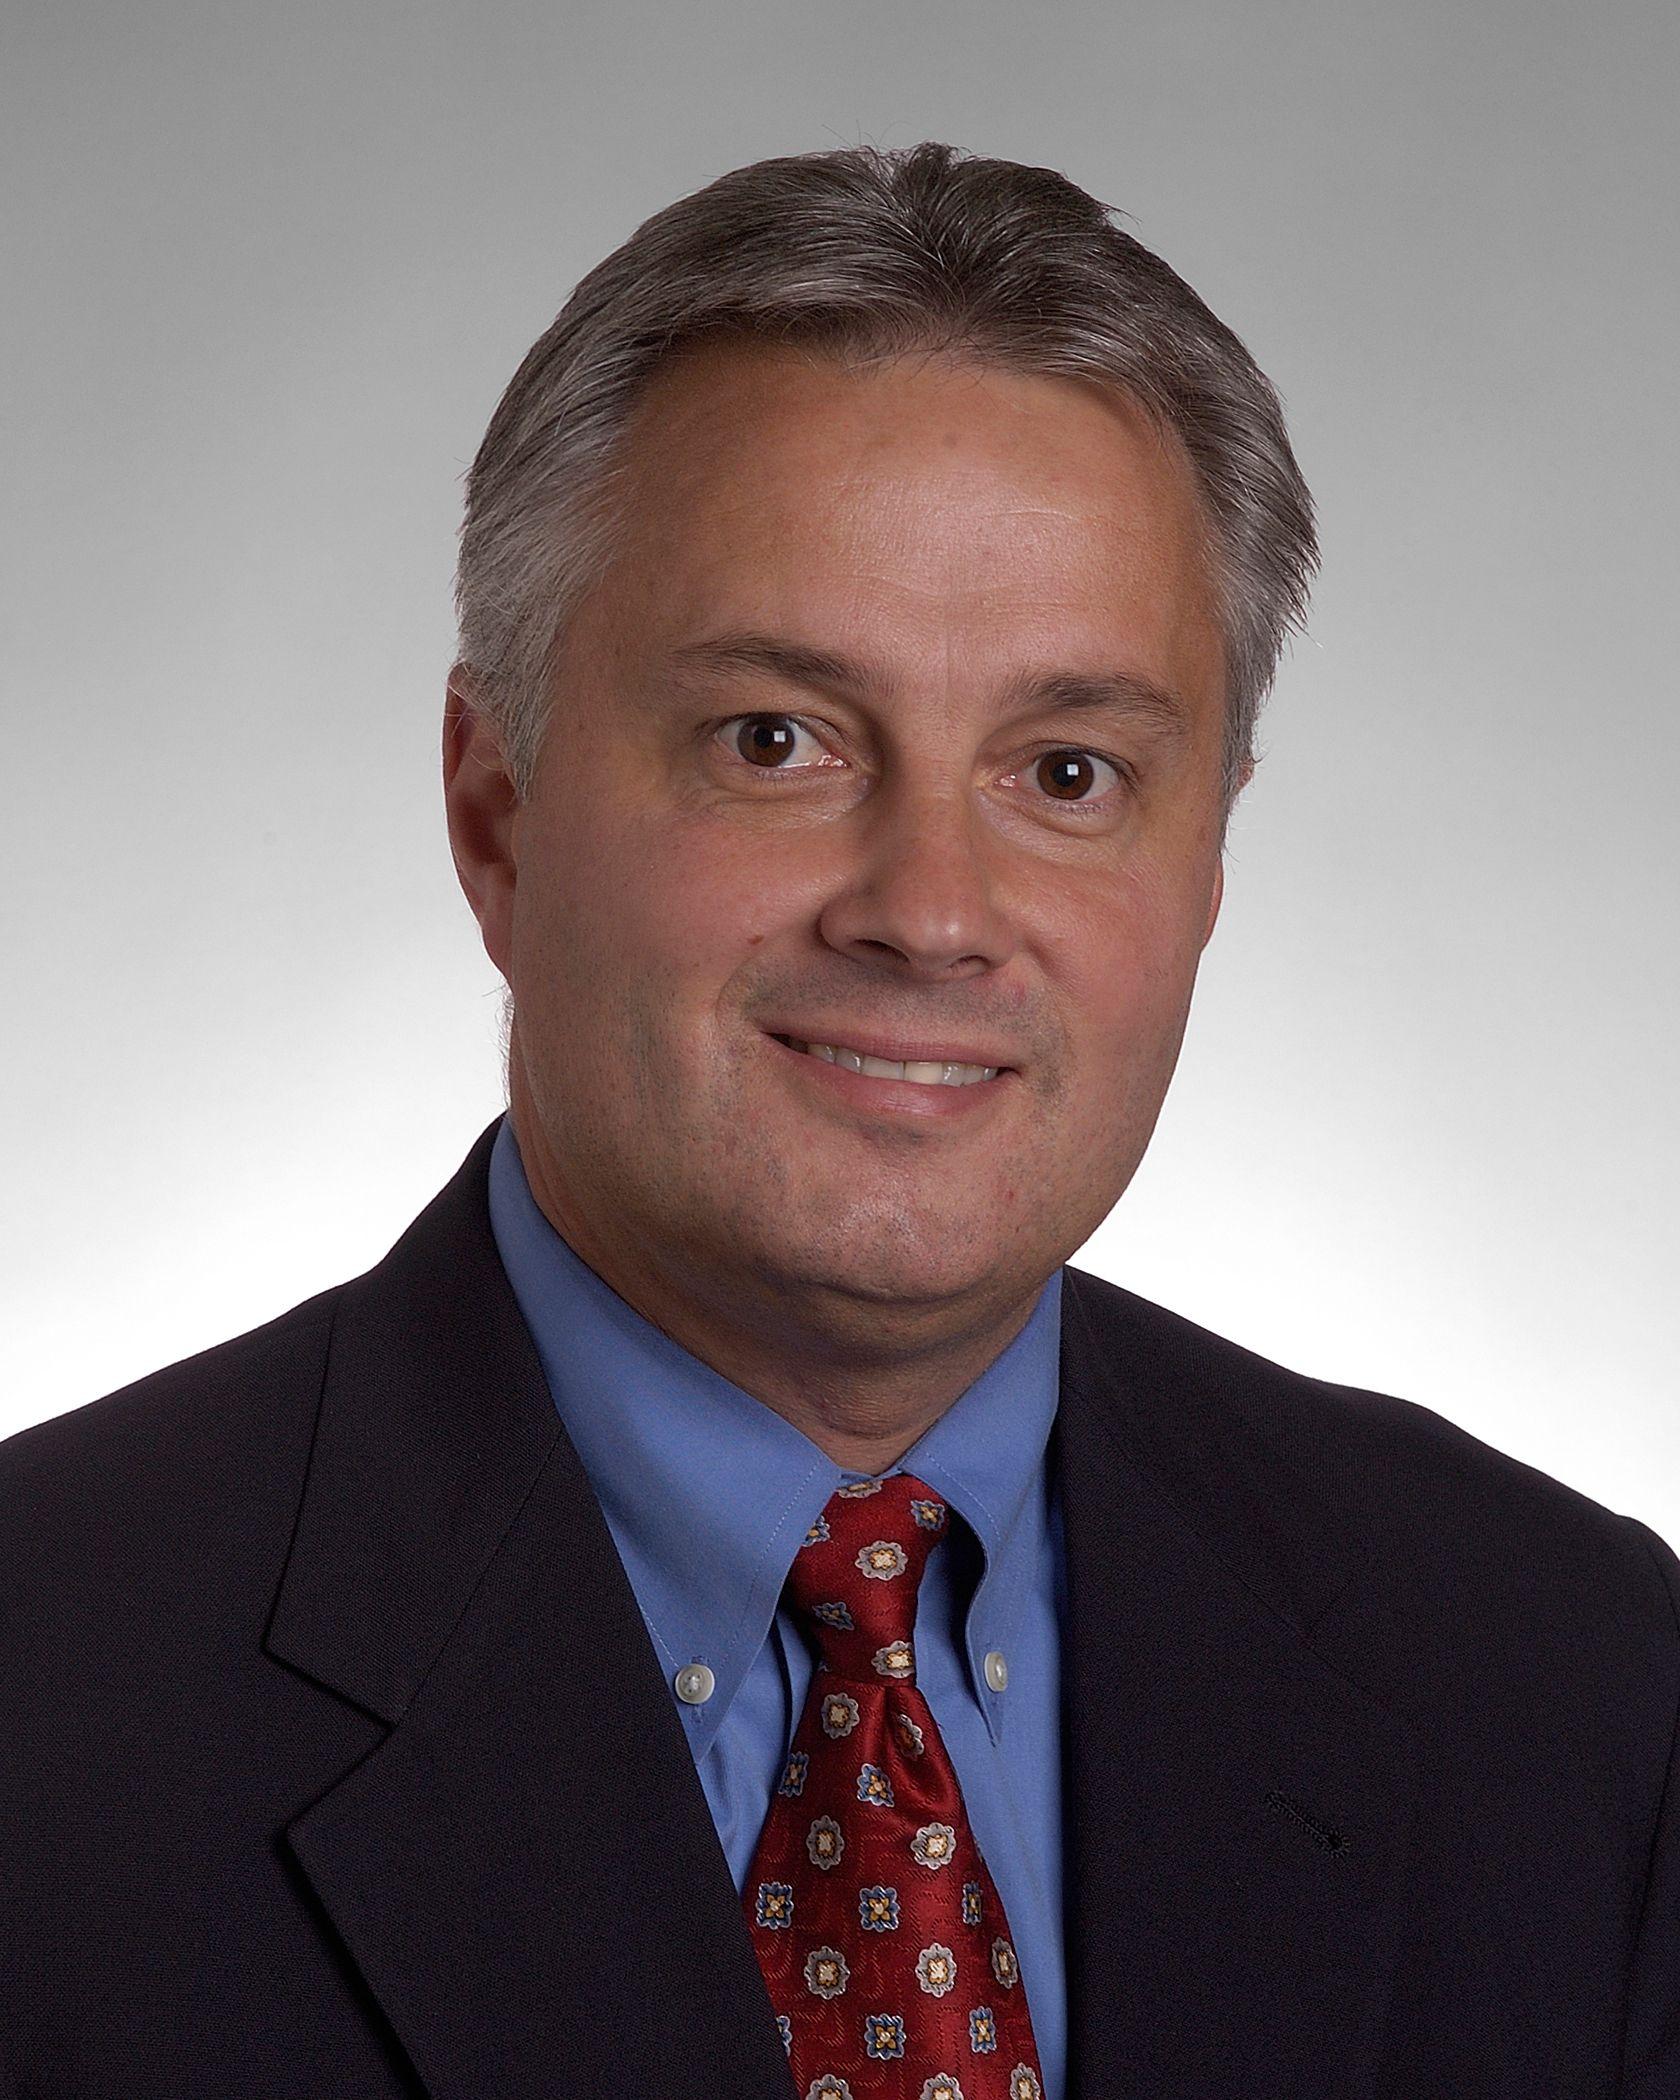 Tom Frake